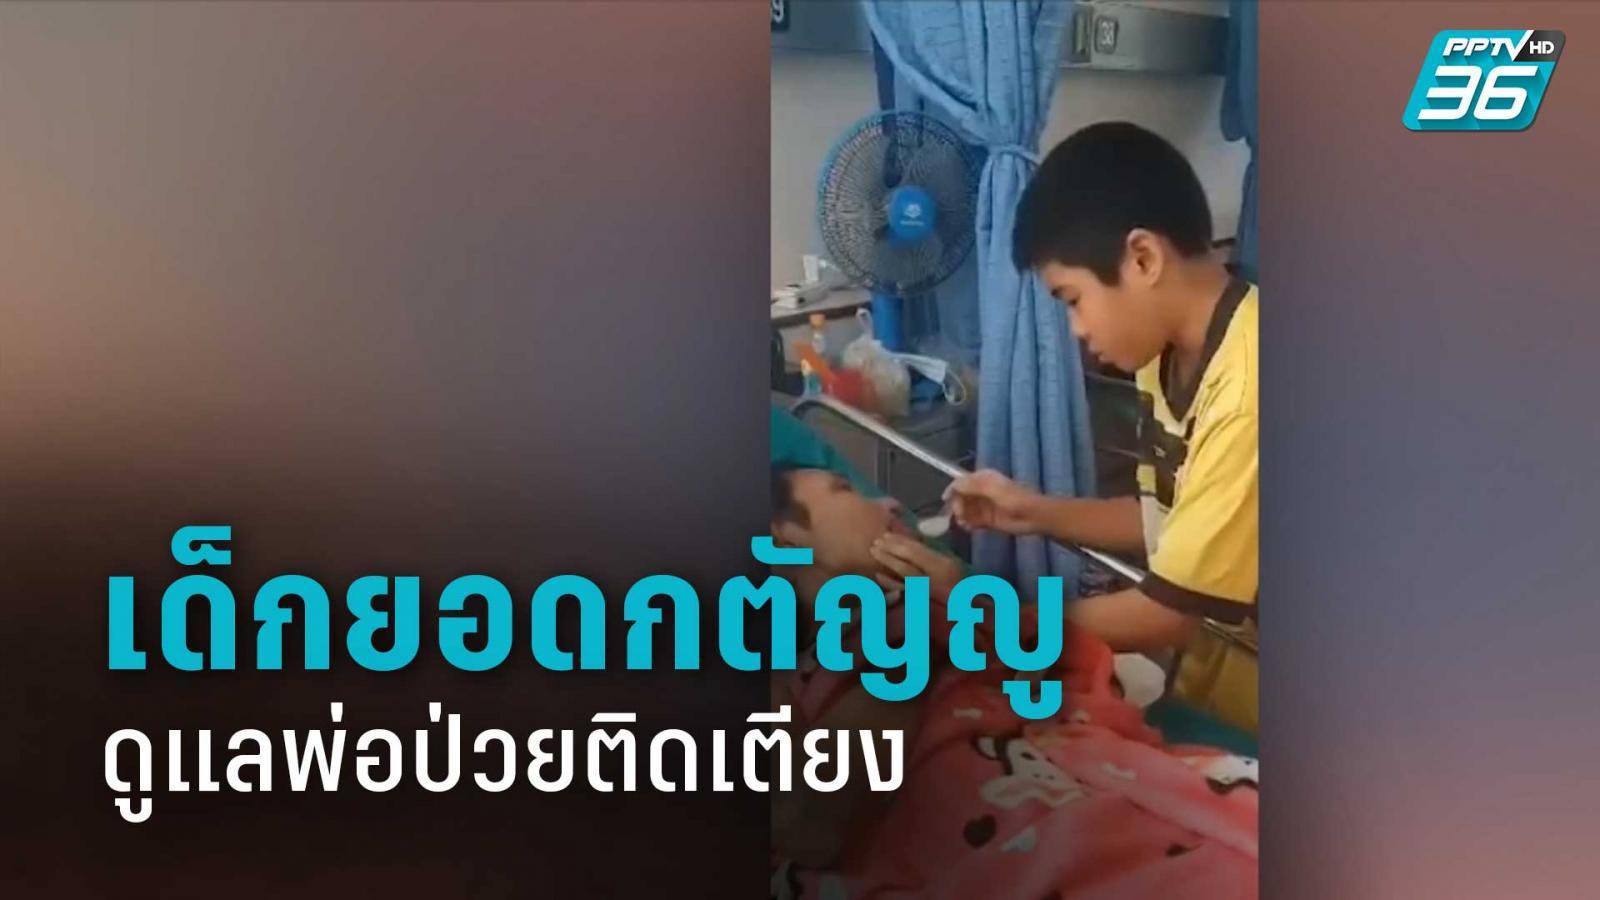 เด็ก 12 ปี ยอดกตัญญู ขาดเรียน-ขาดสอบ ดูแลพ่อป่วยติดเตียง